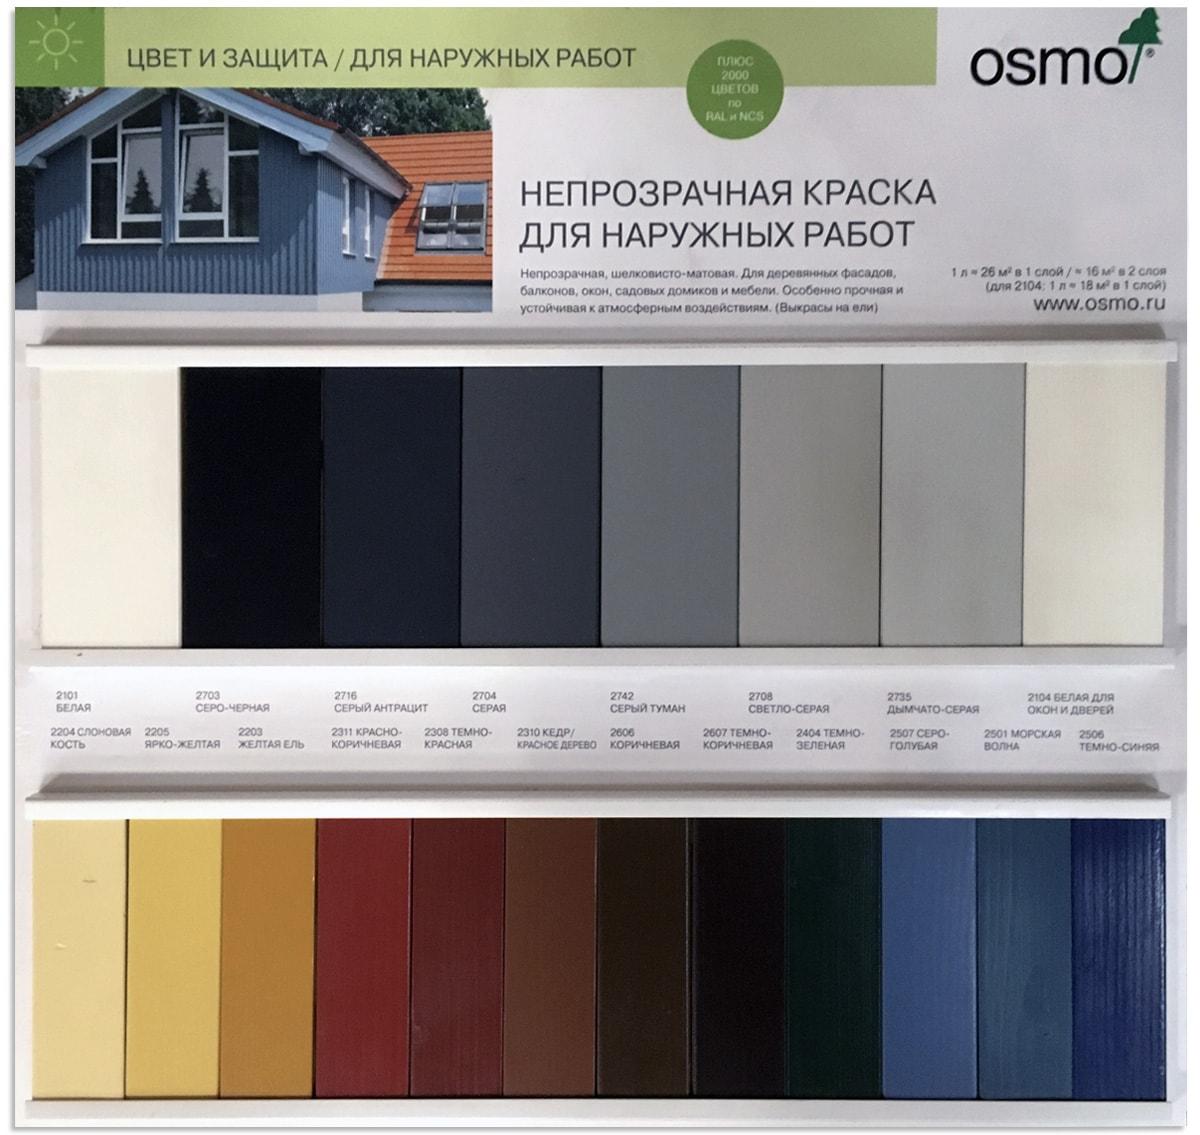 Укрывная краска для дерева для наружных и внутренних работ OSMO Landhausfarbe Выкрас